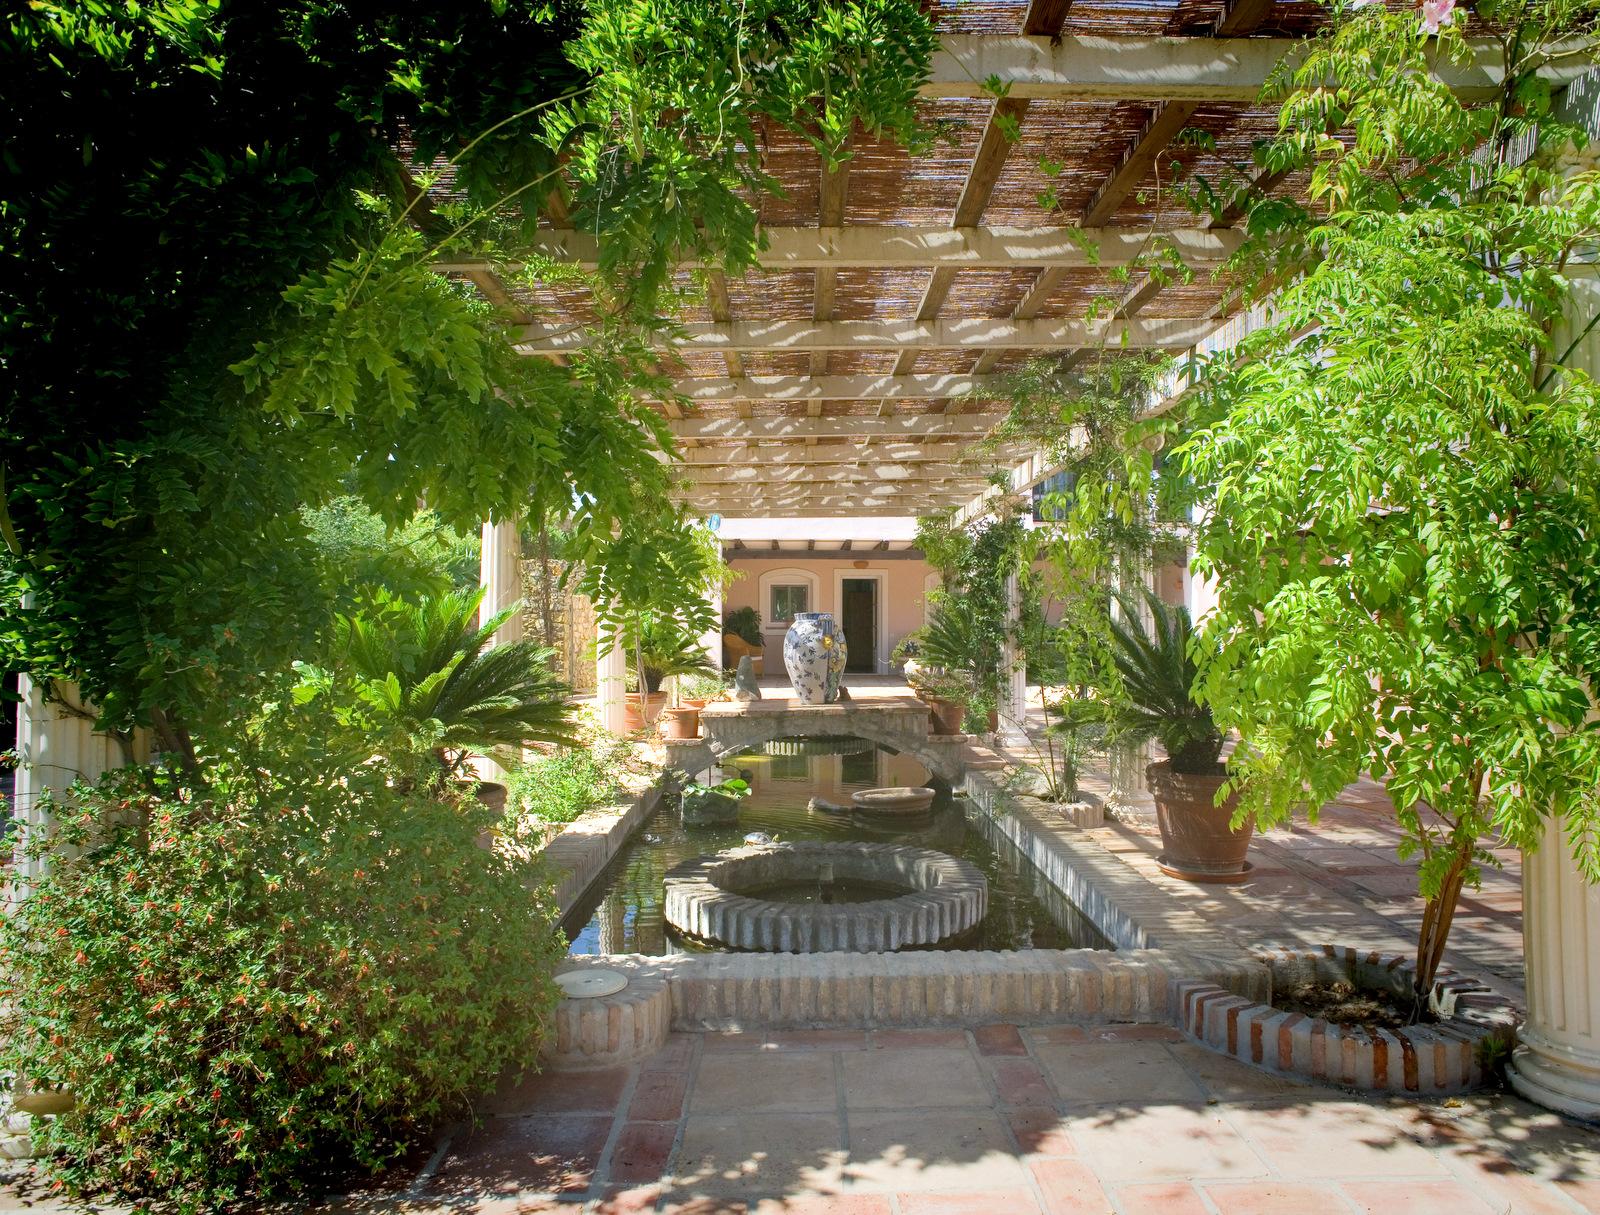 Villa en venta en Cancelada - Foto 2